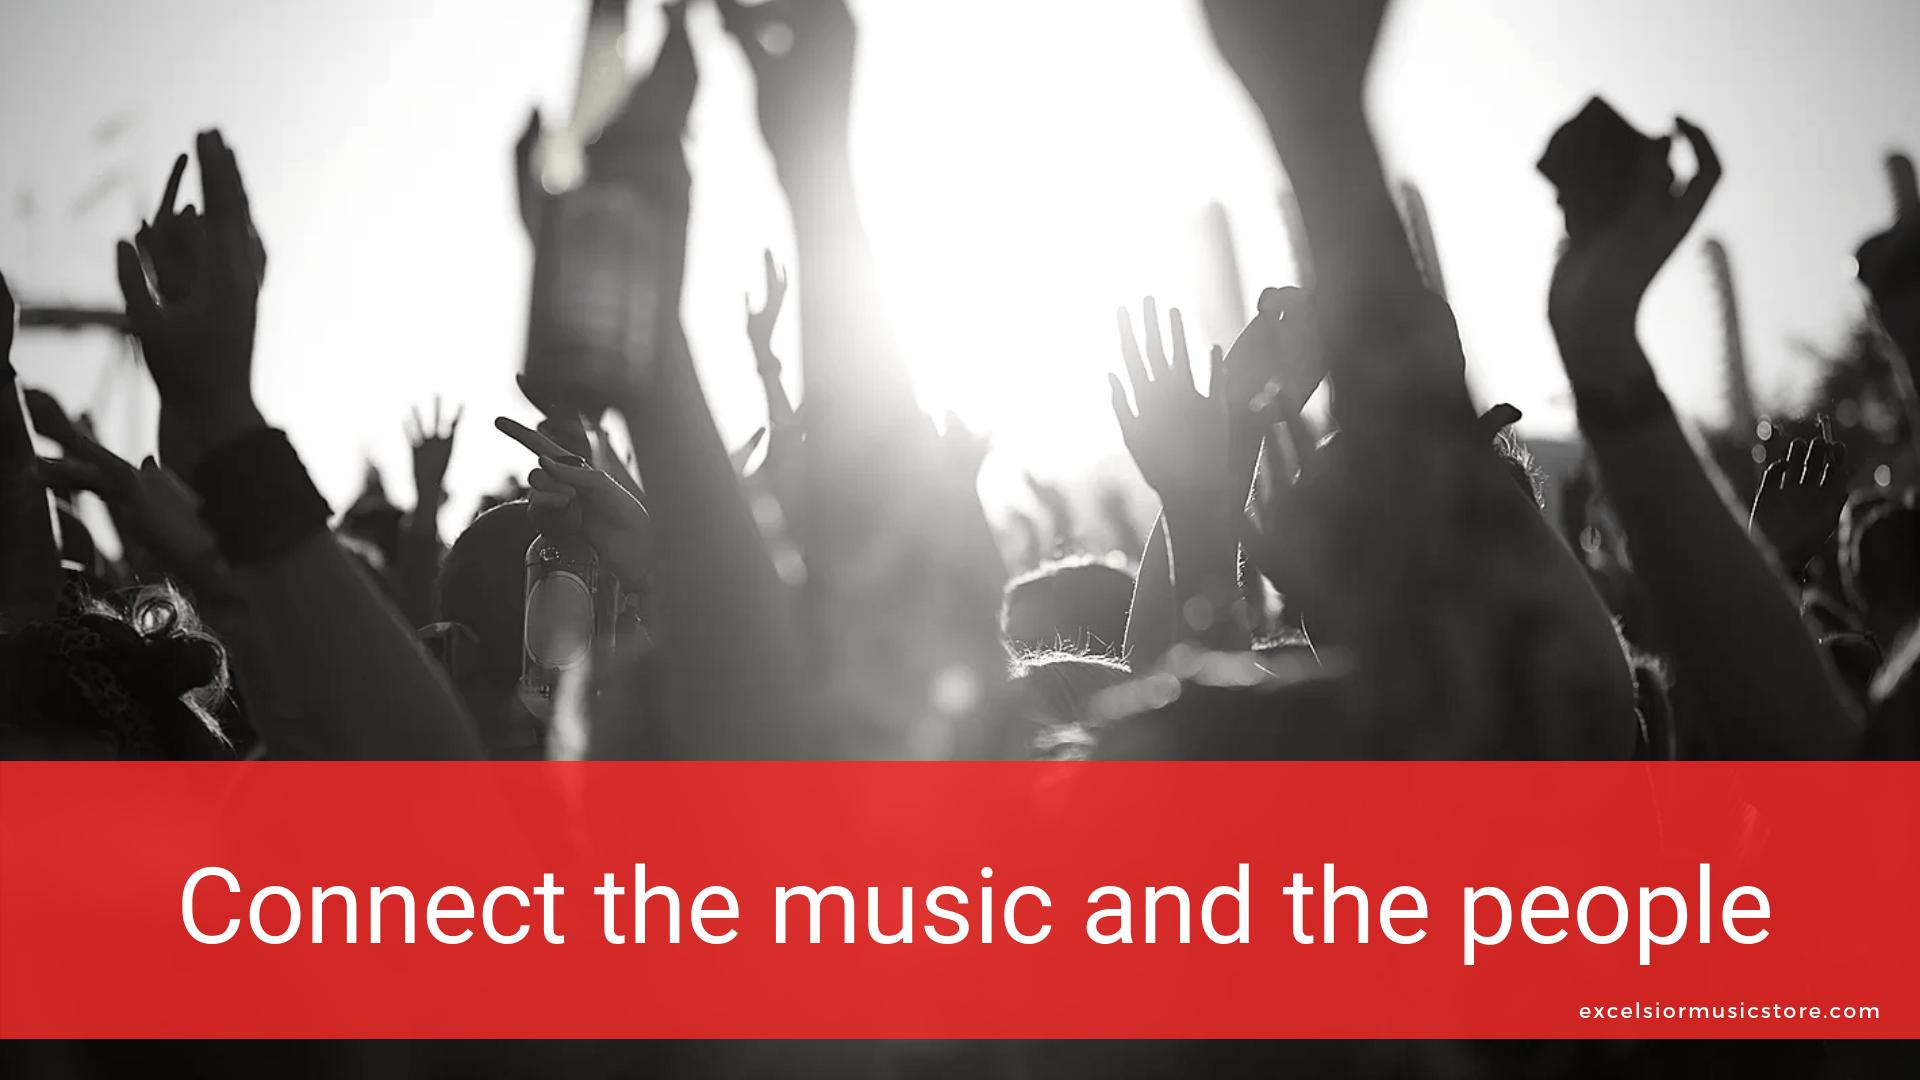 音楽と人を繋げる